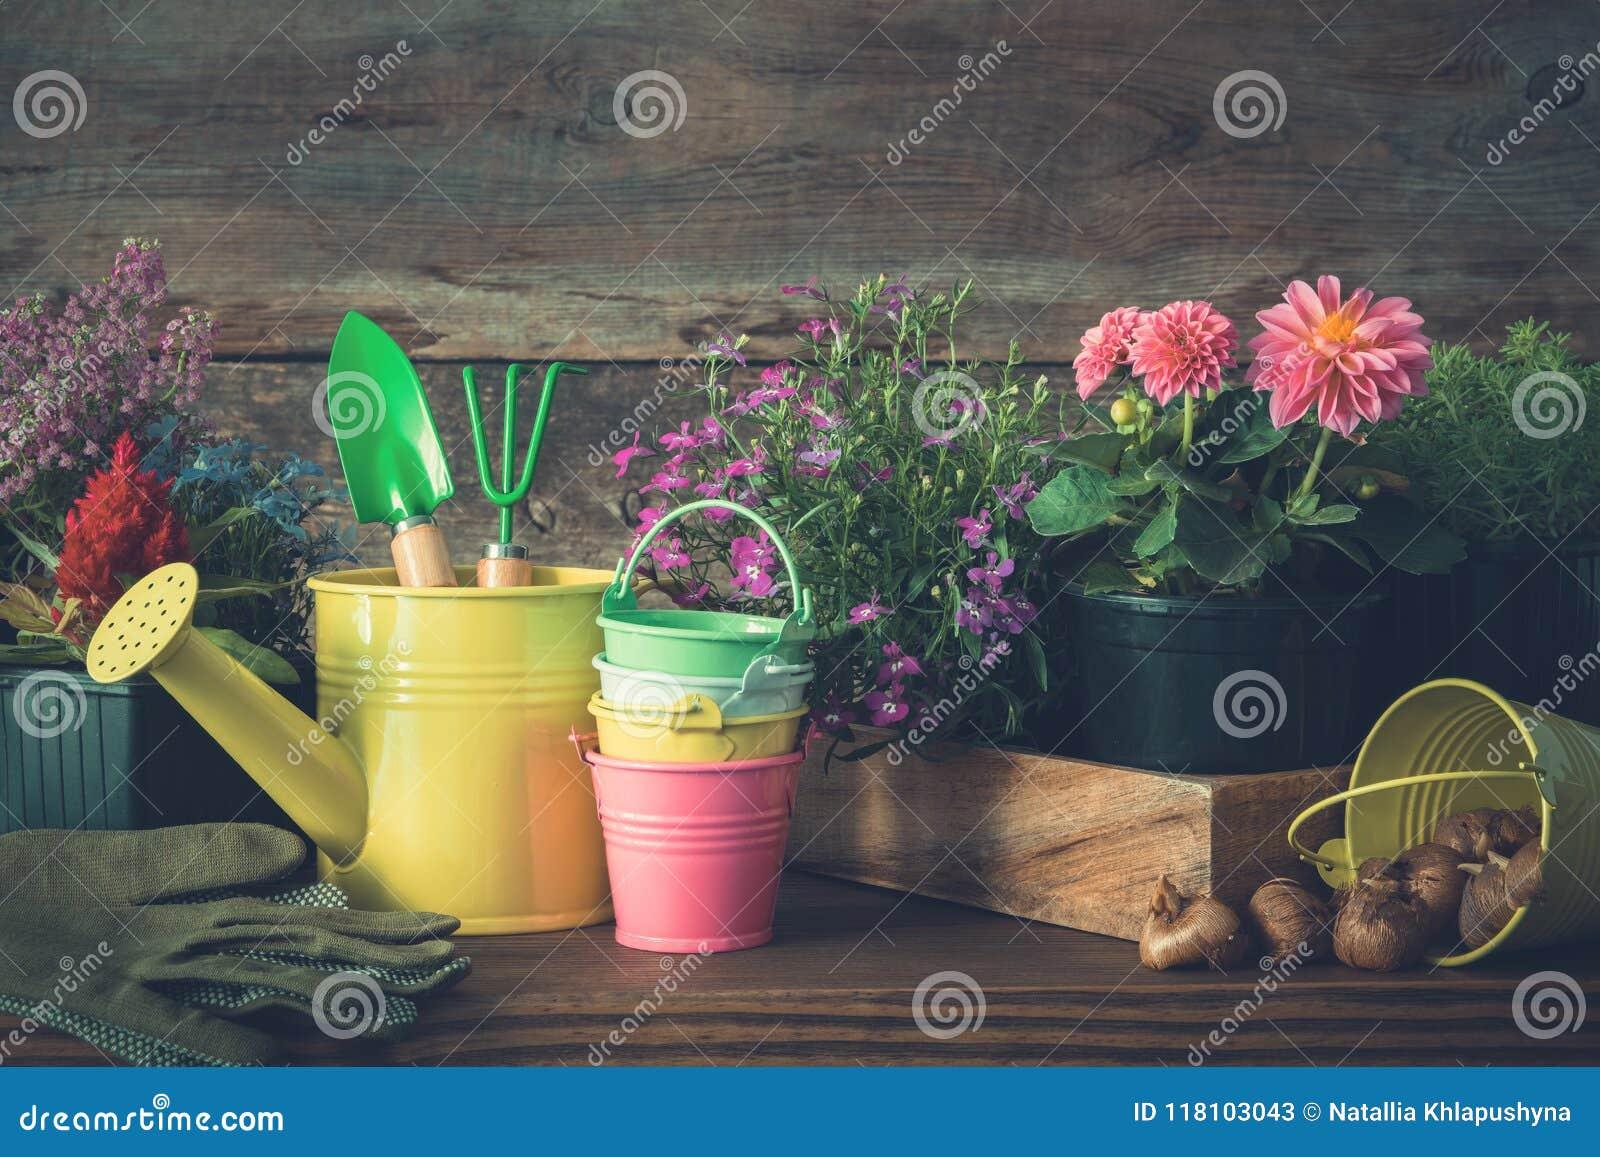 庭园花木和花幼木在花盆 喷壶,桶,铁锹,犁耙,手套